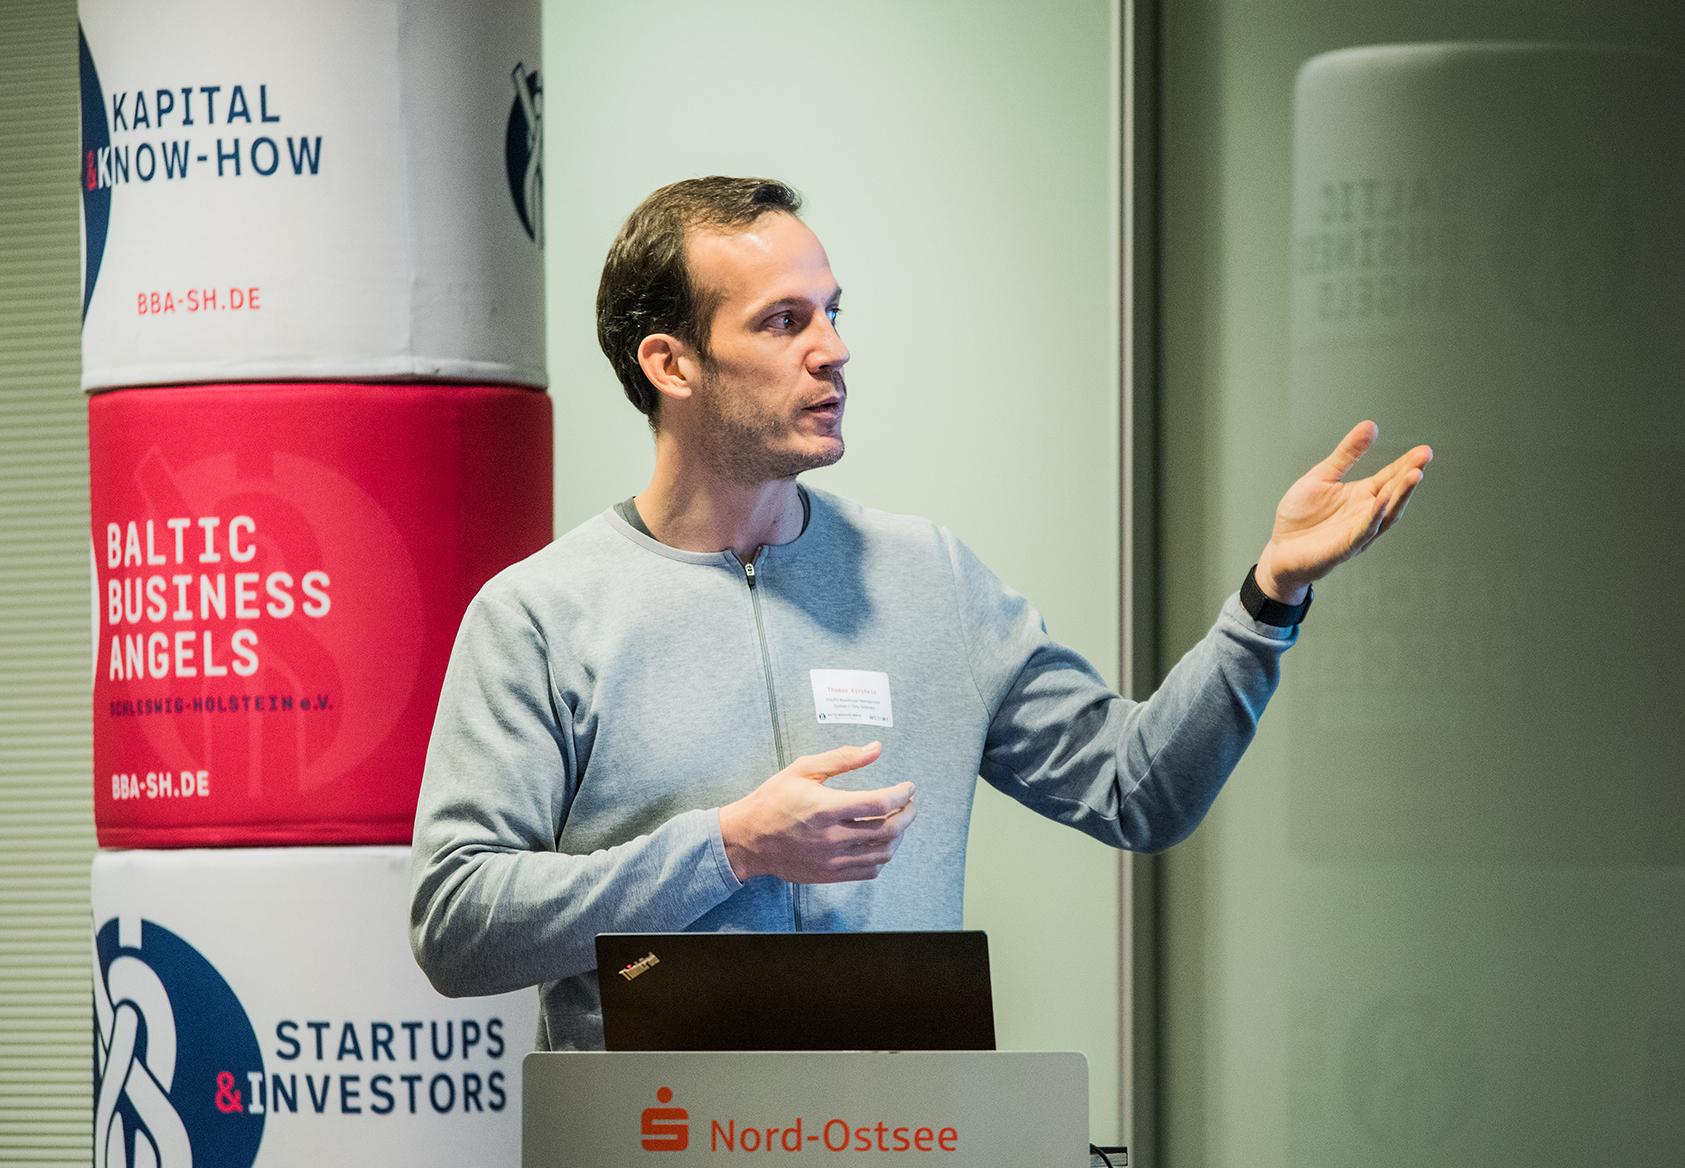 3 StartUps, 18 Business Angels – potentielle Investments durch 8 Investoren